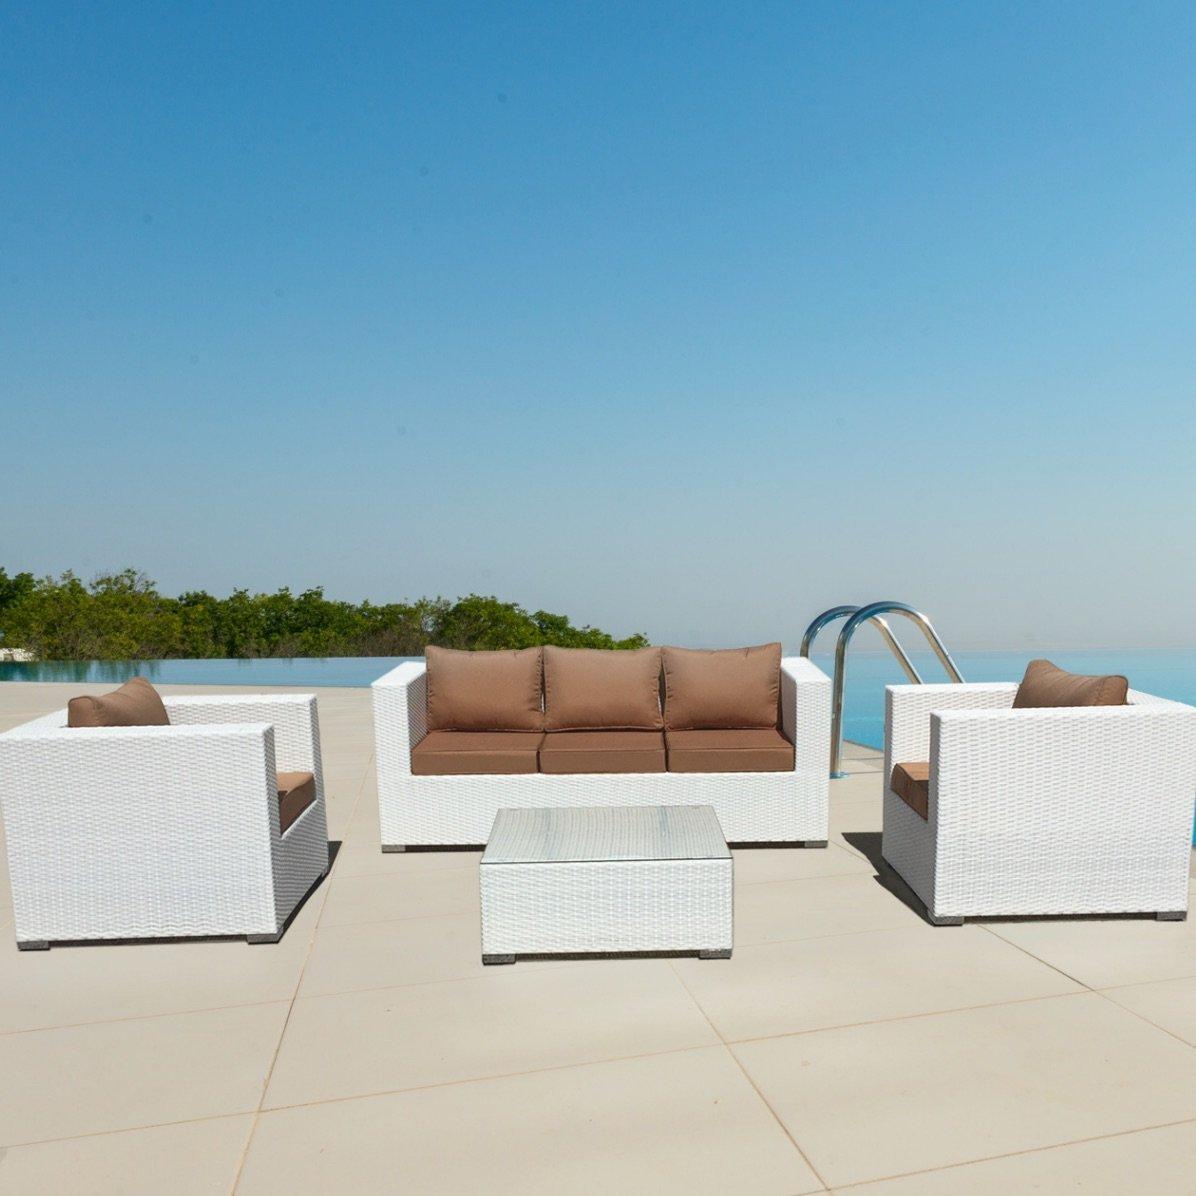 luxurygarden Wohnzimmer Rattan weiß Garten Möbel Outdoor Sofa Saturno